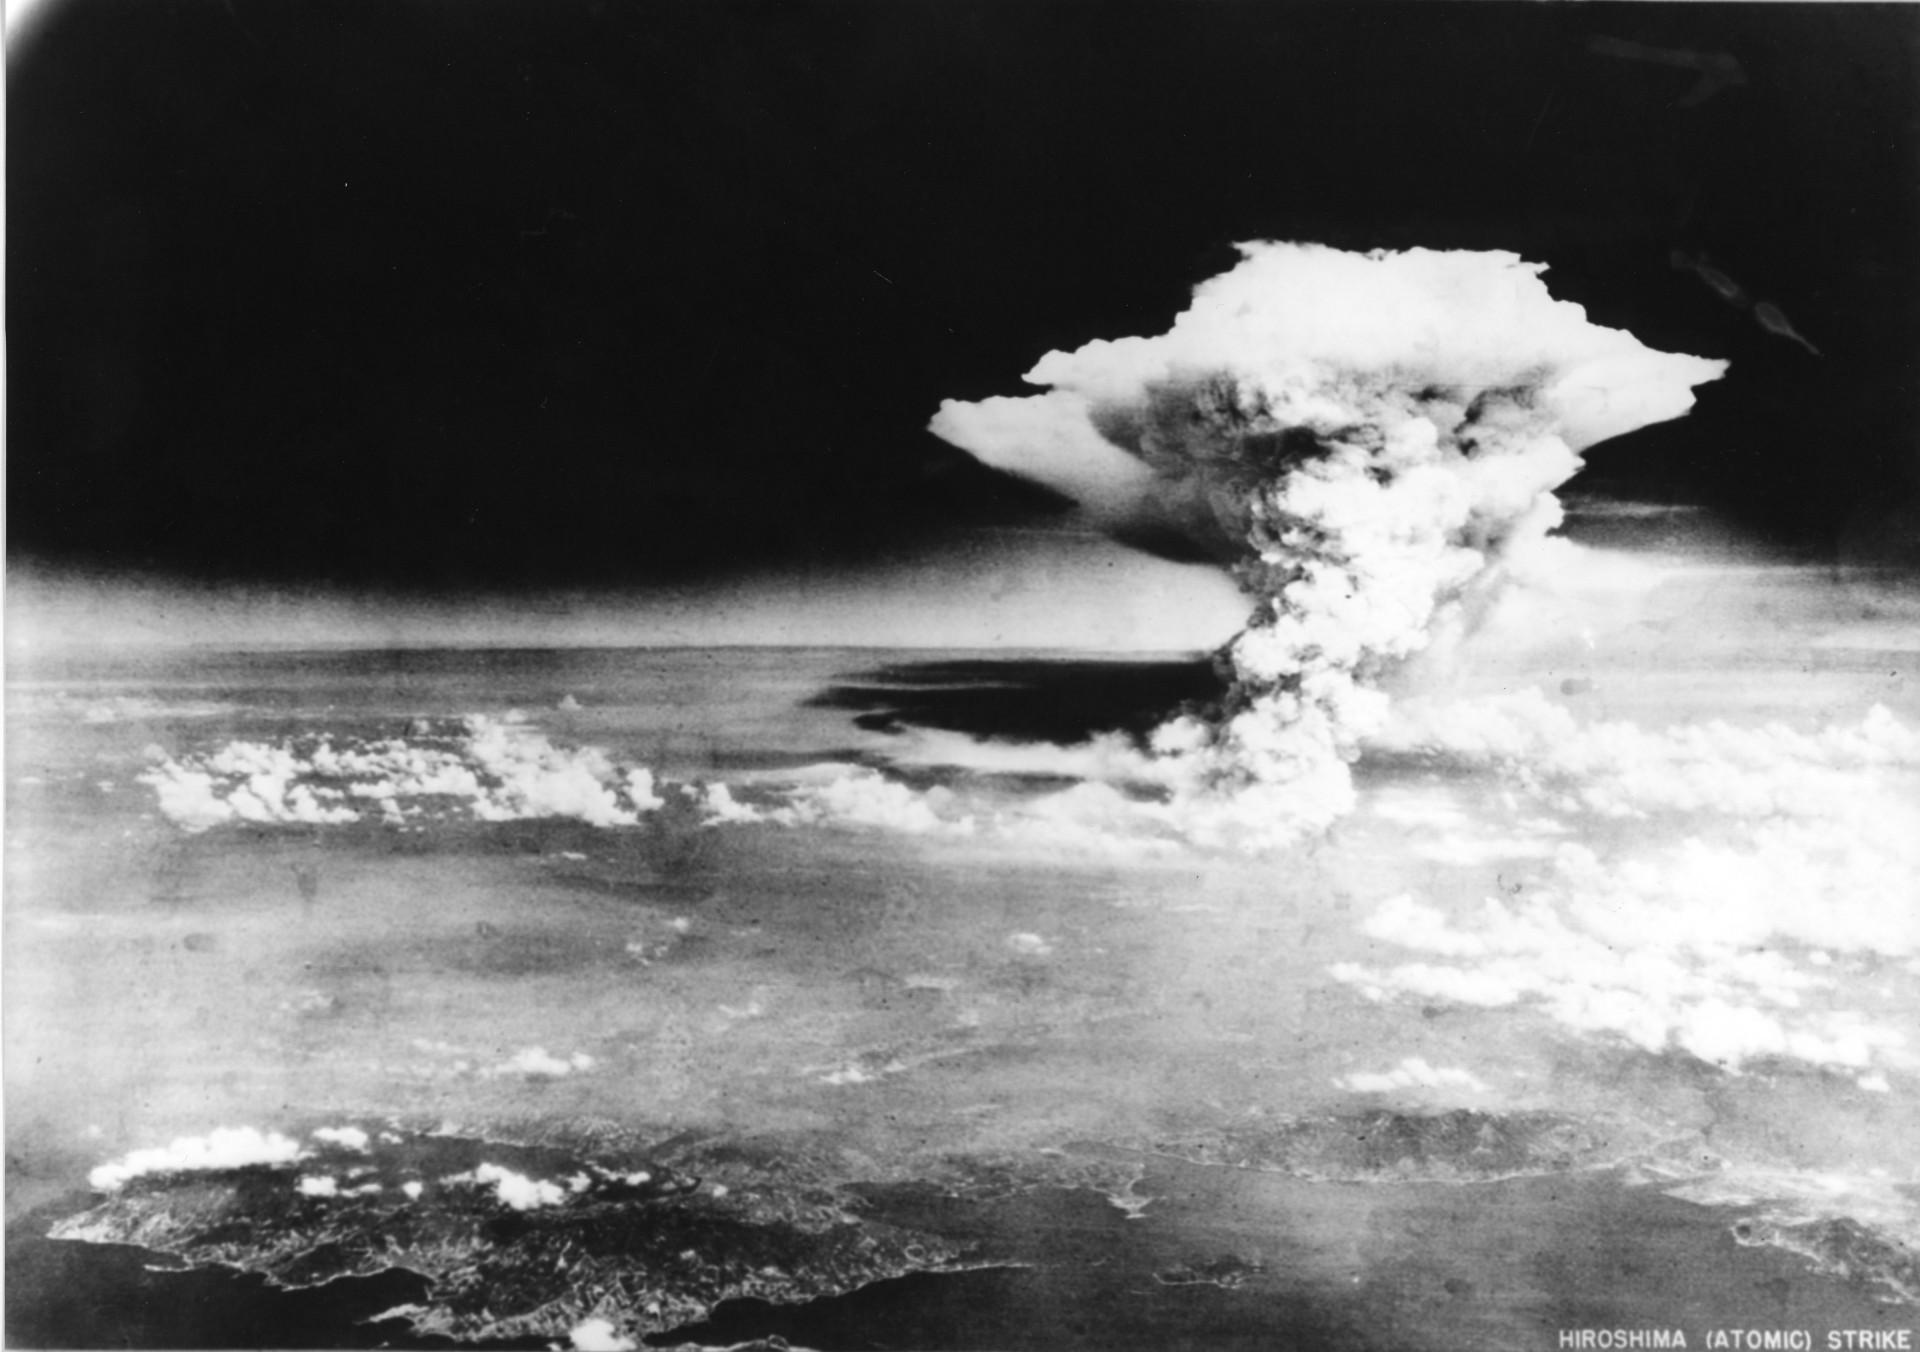 foto-apertura-A-Bomb-Hiroshima-Apertura-1920x1352